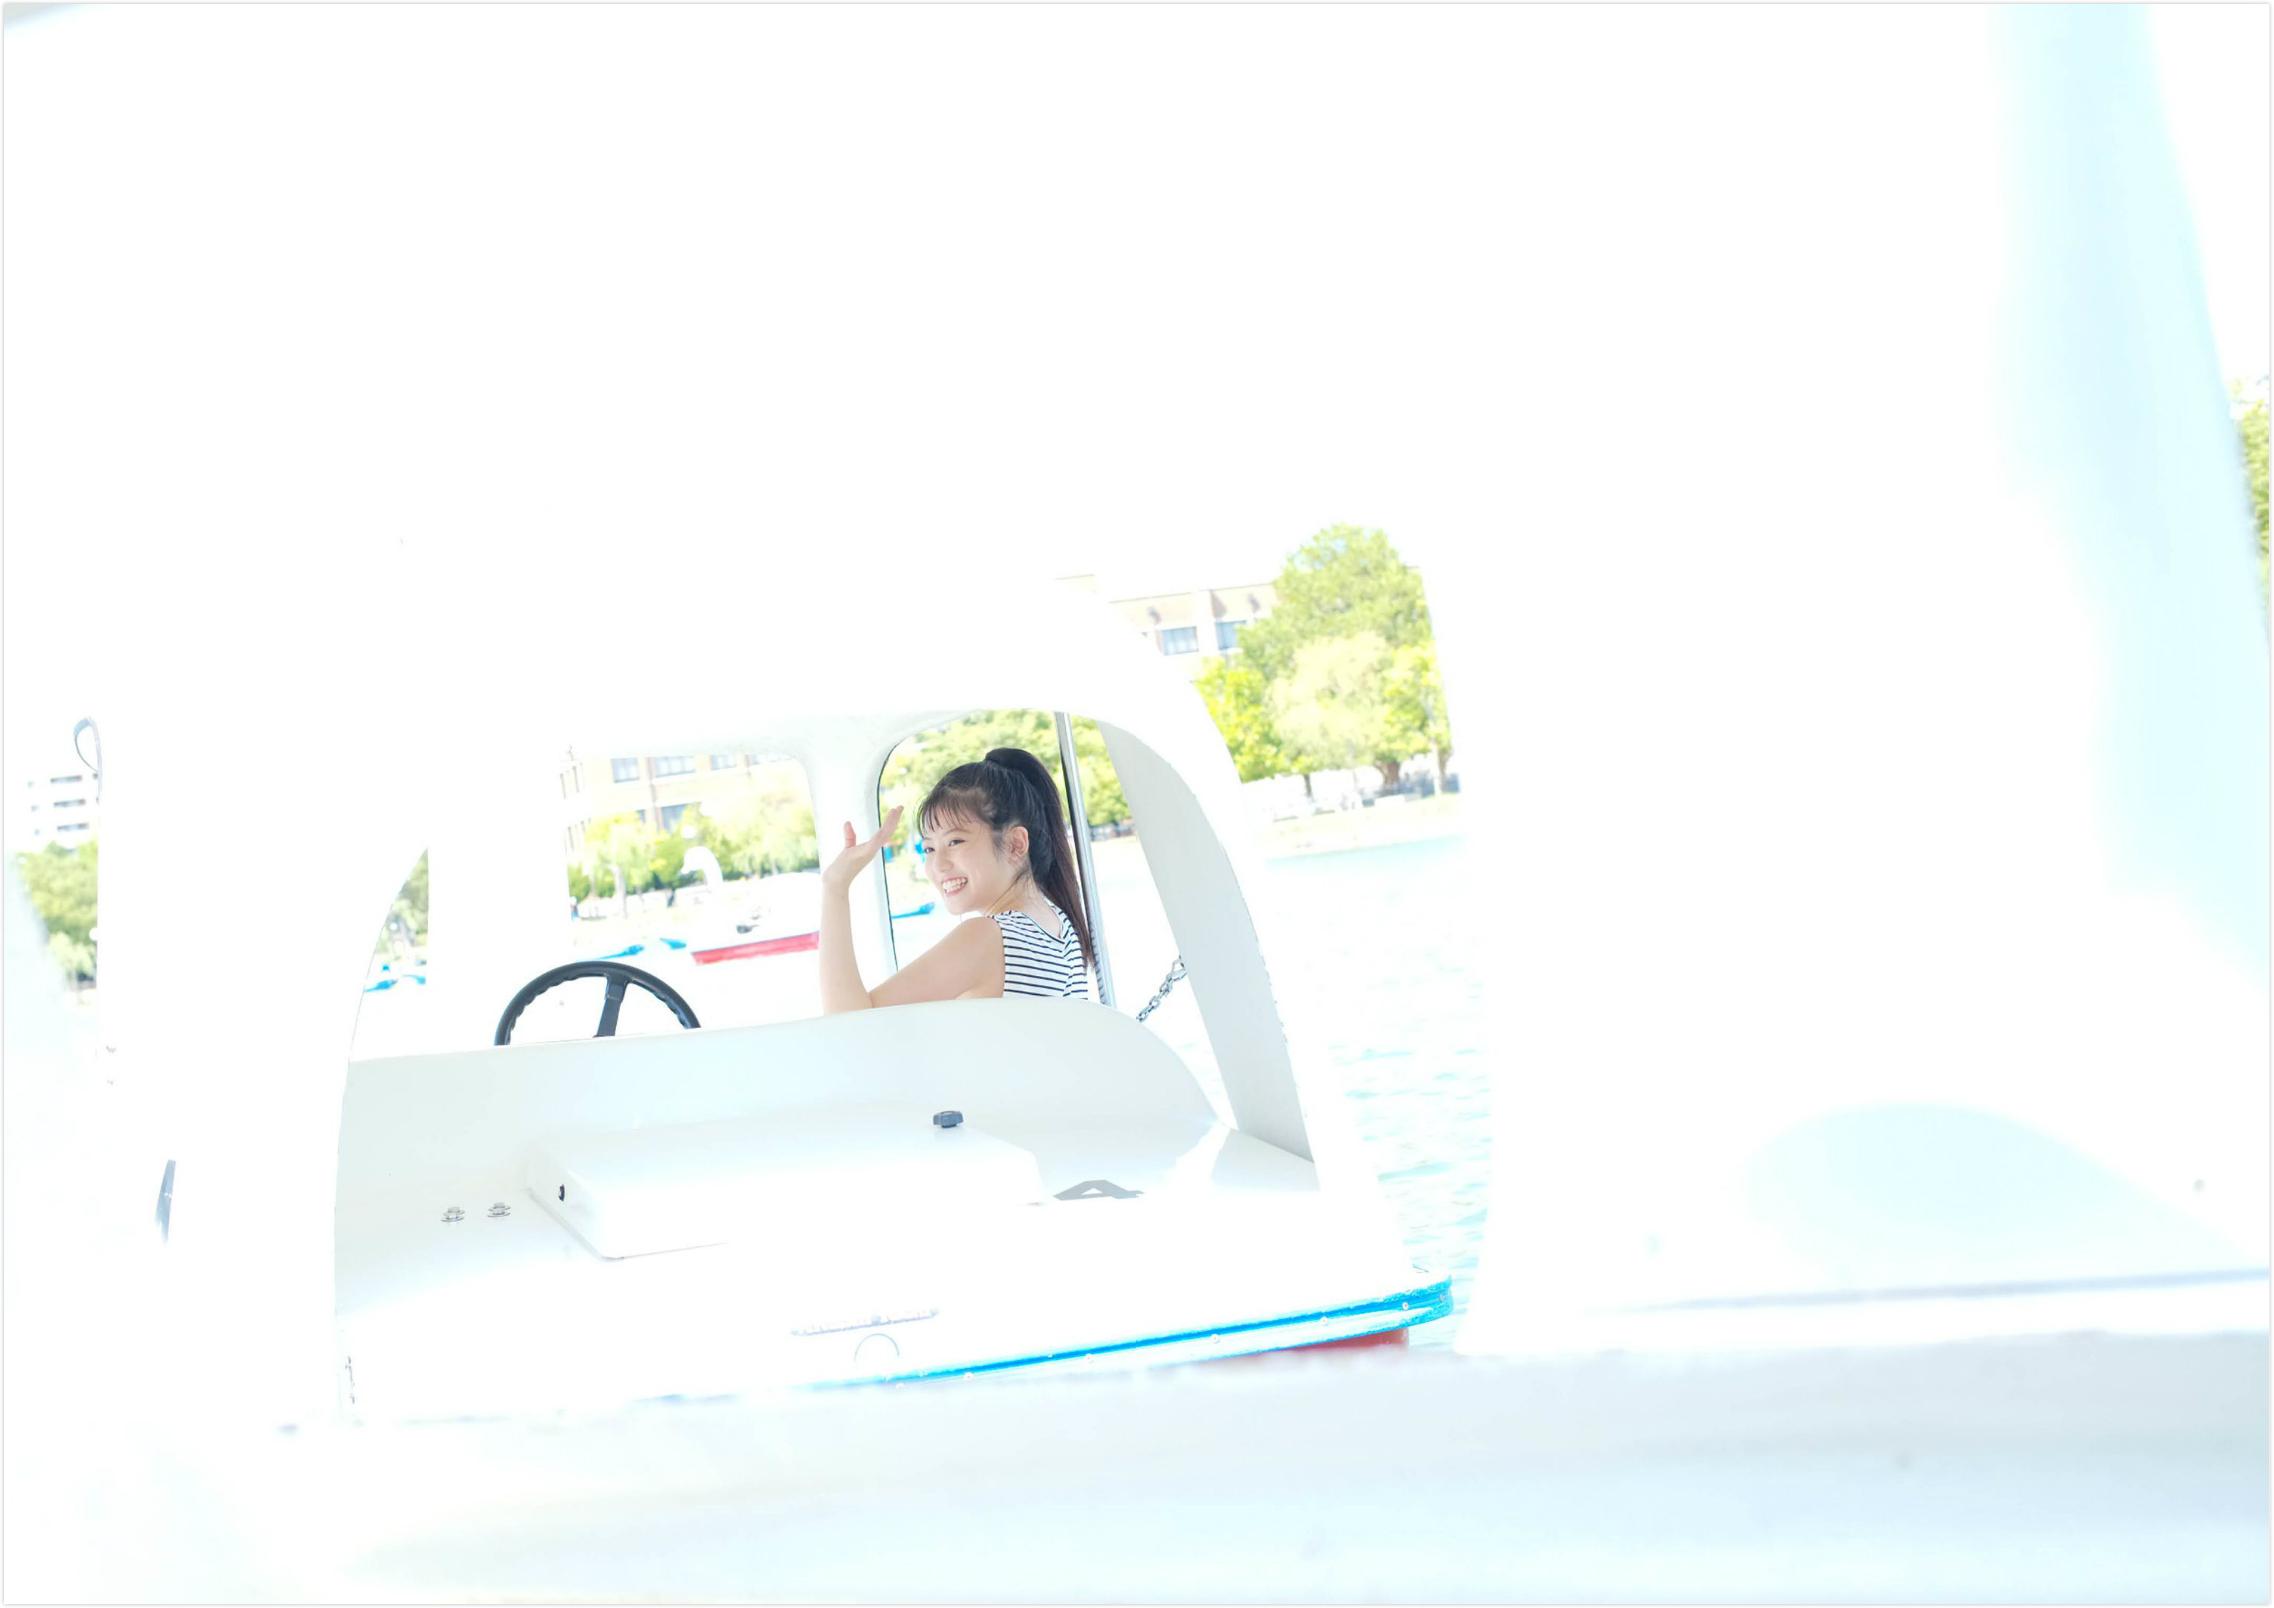 今田美樱Weekly Playboy写真集「スタミナ」 养眼图片 第7张